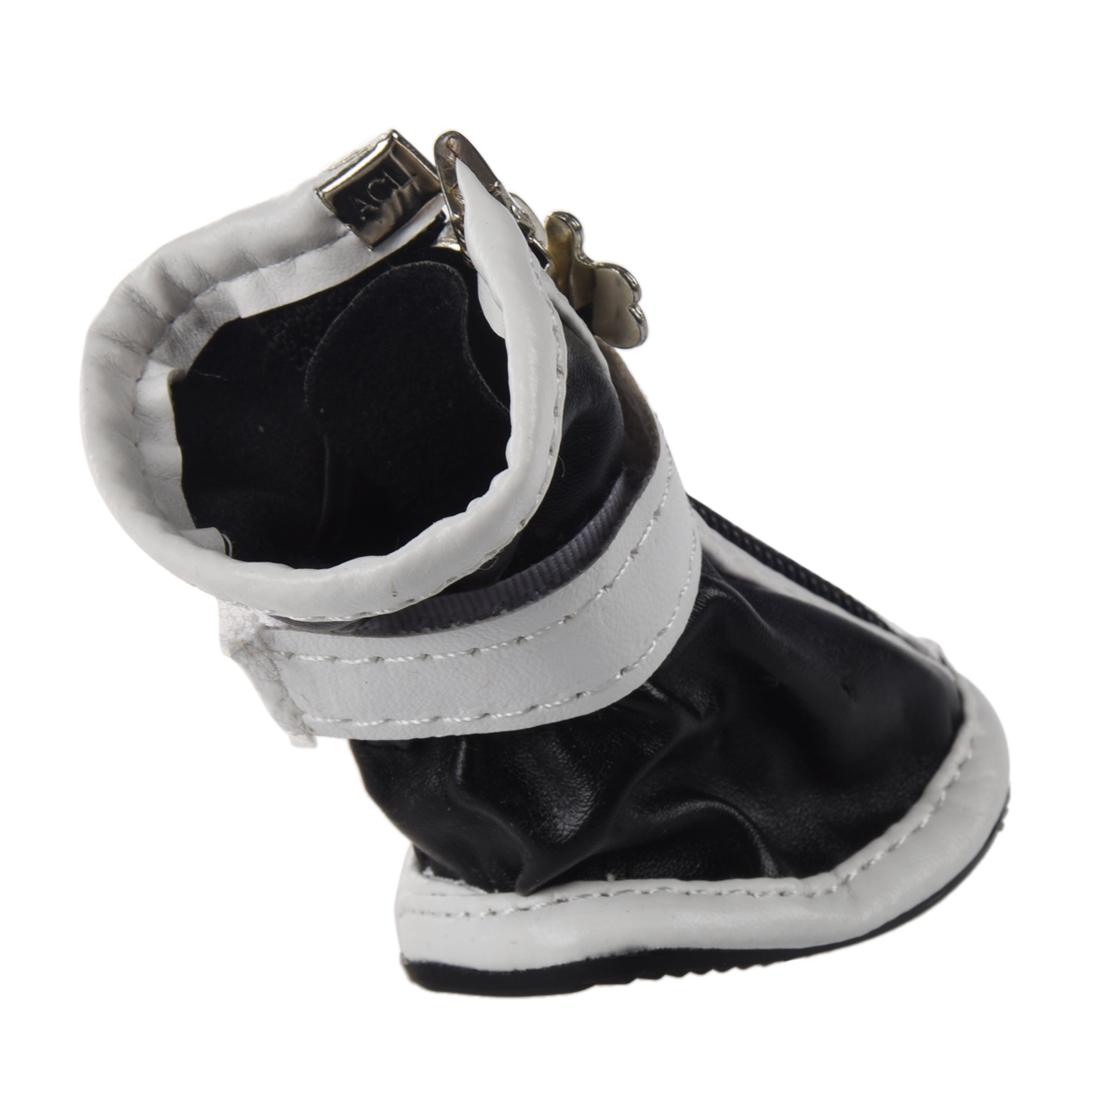 4er Set Pvc Hunde Pfotenschutz Schuhe Hundeschuhe